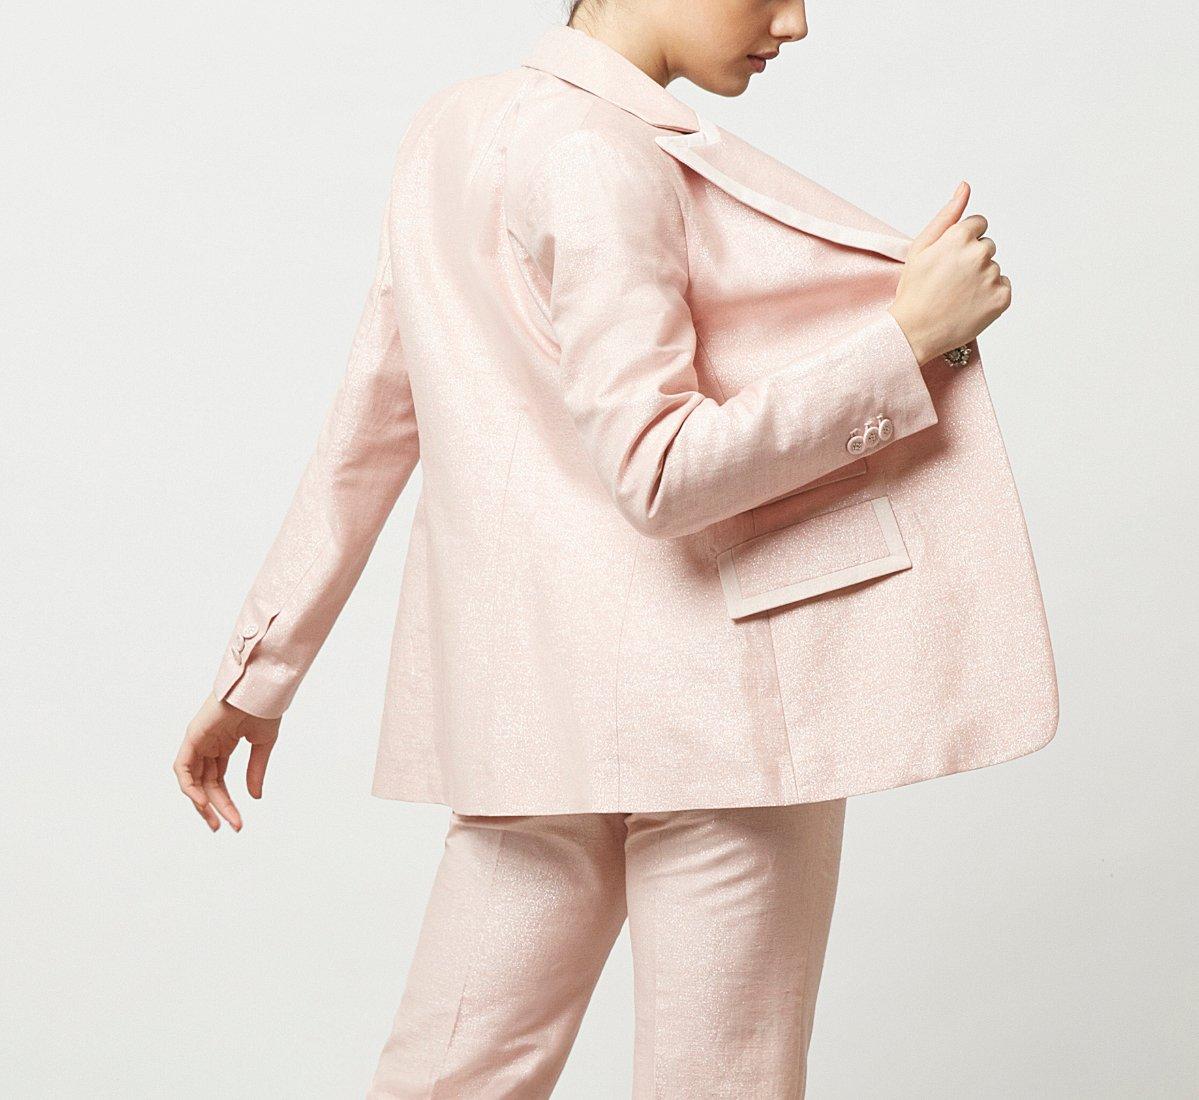 Seersucker fabric jacket